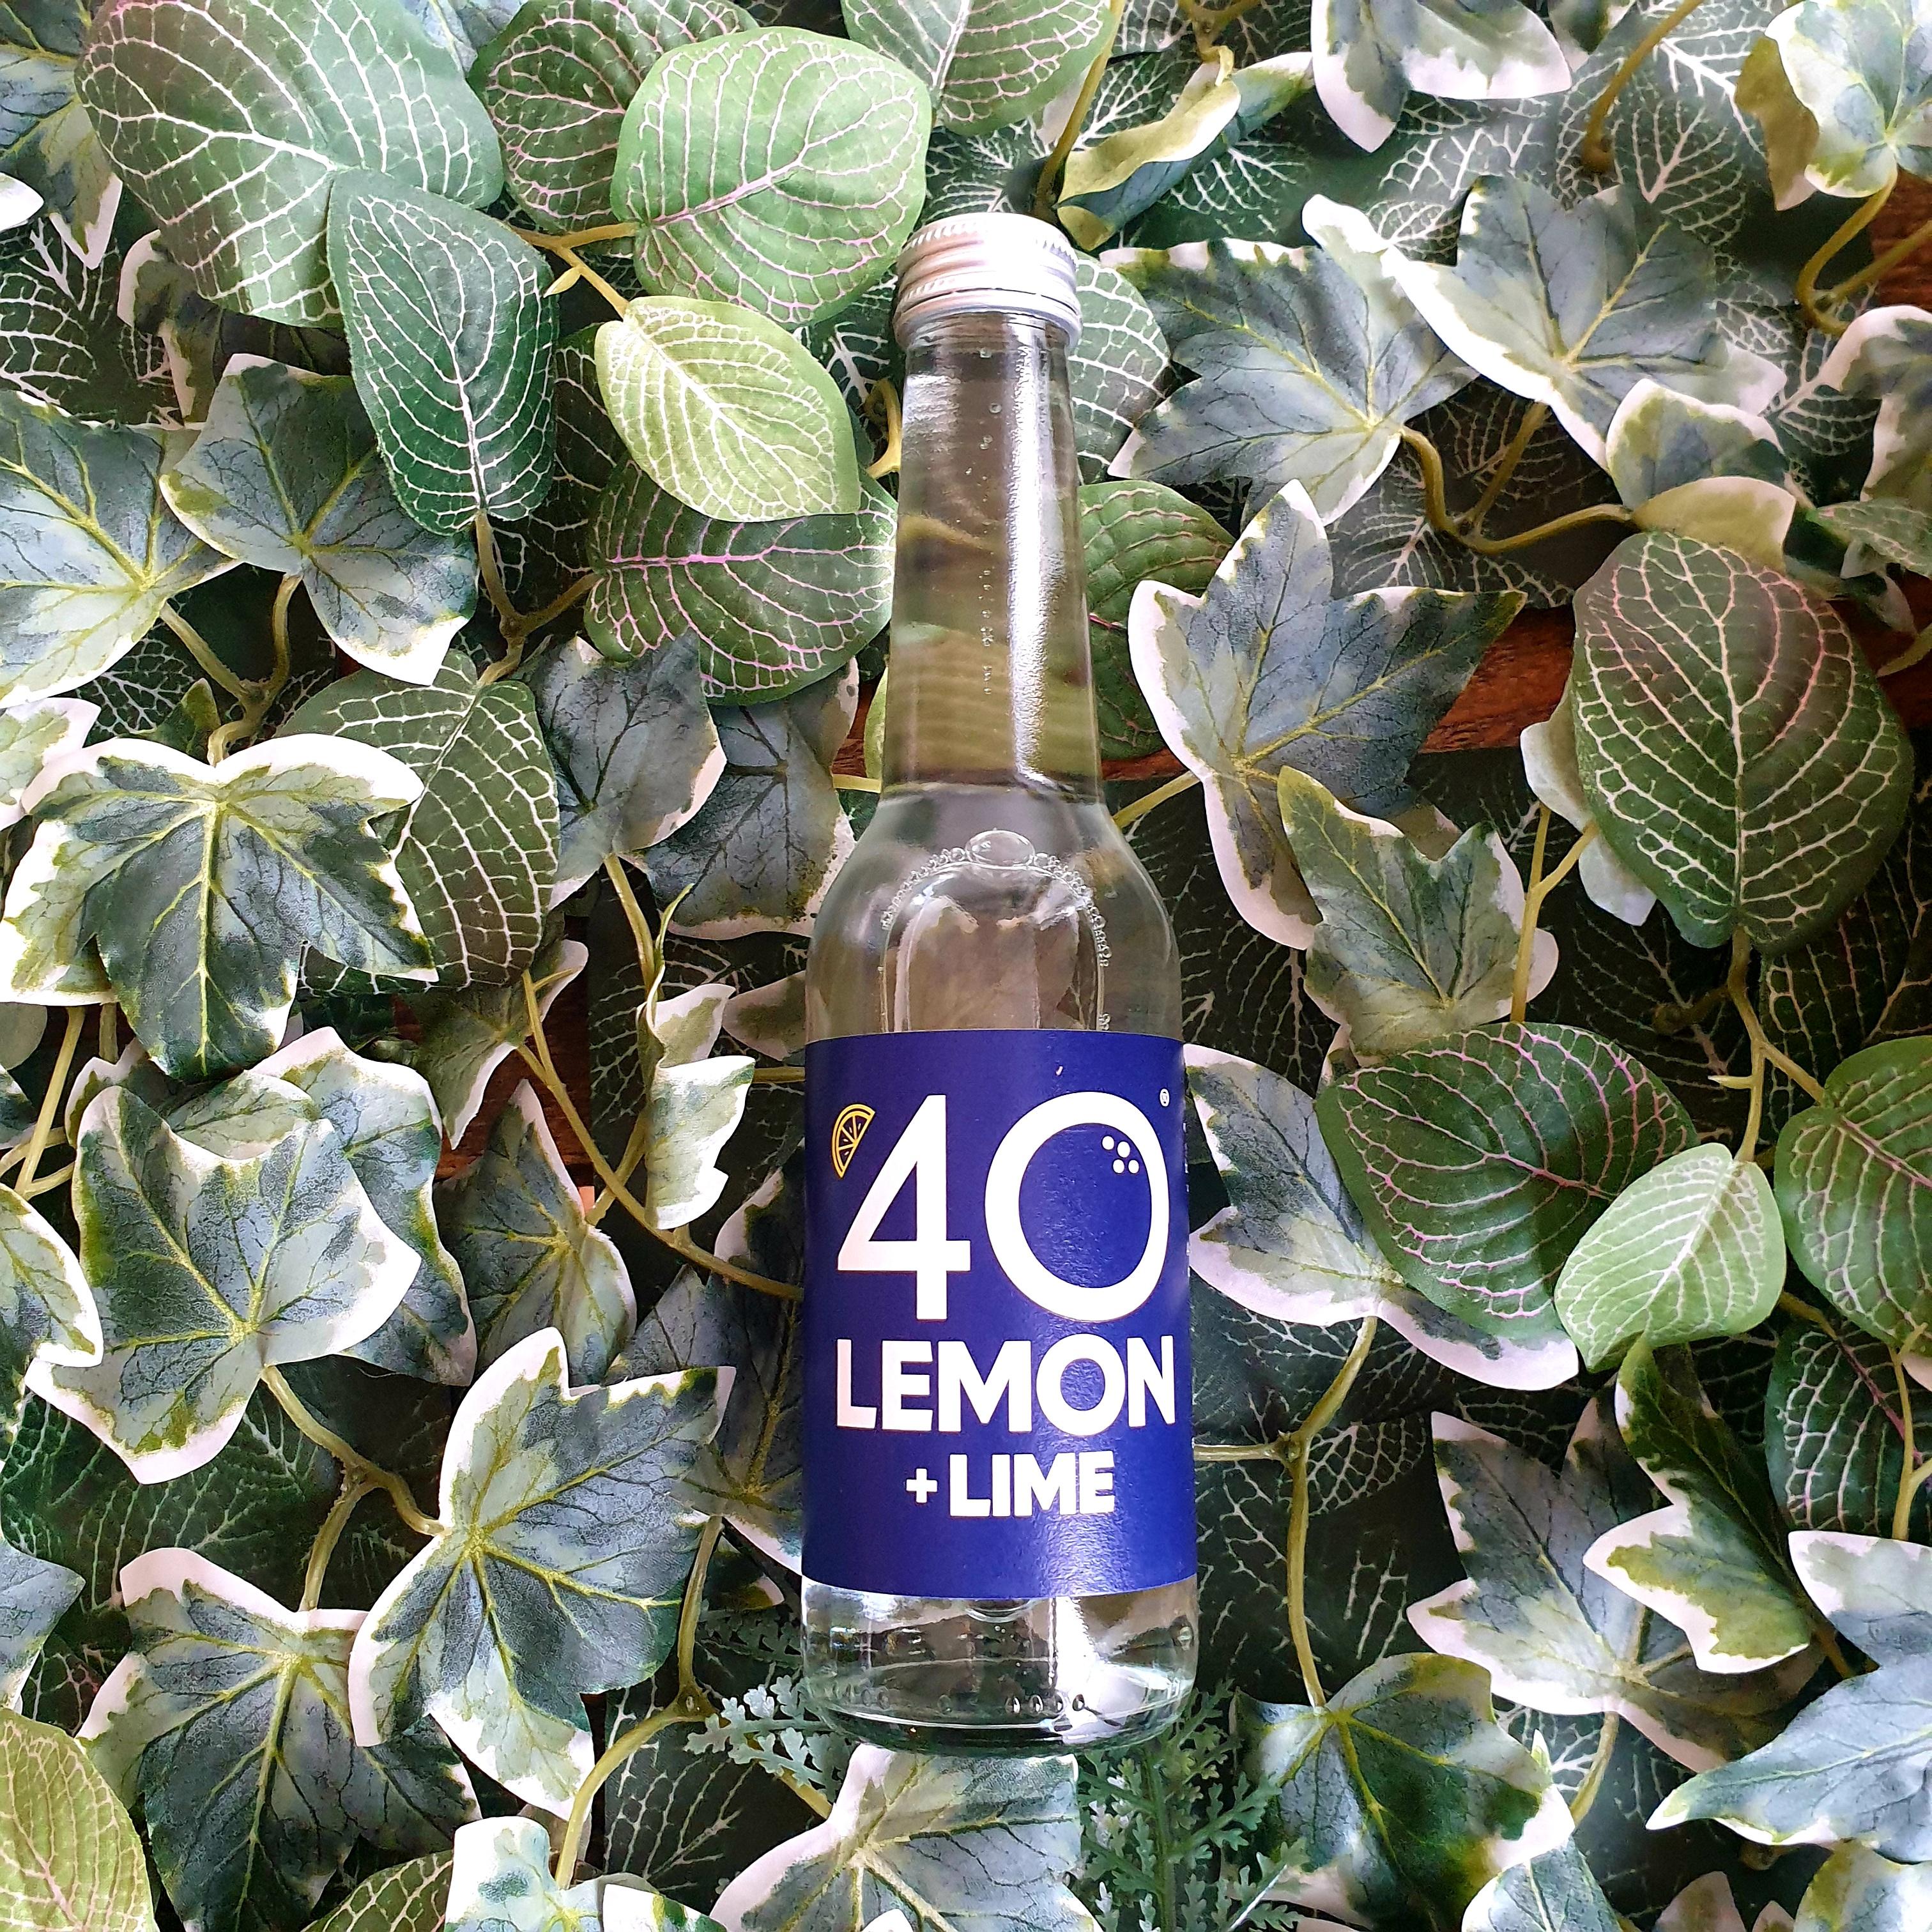 40 Lemon & Lime 275ml